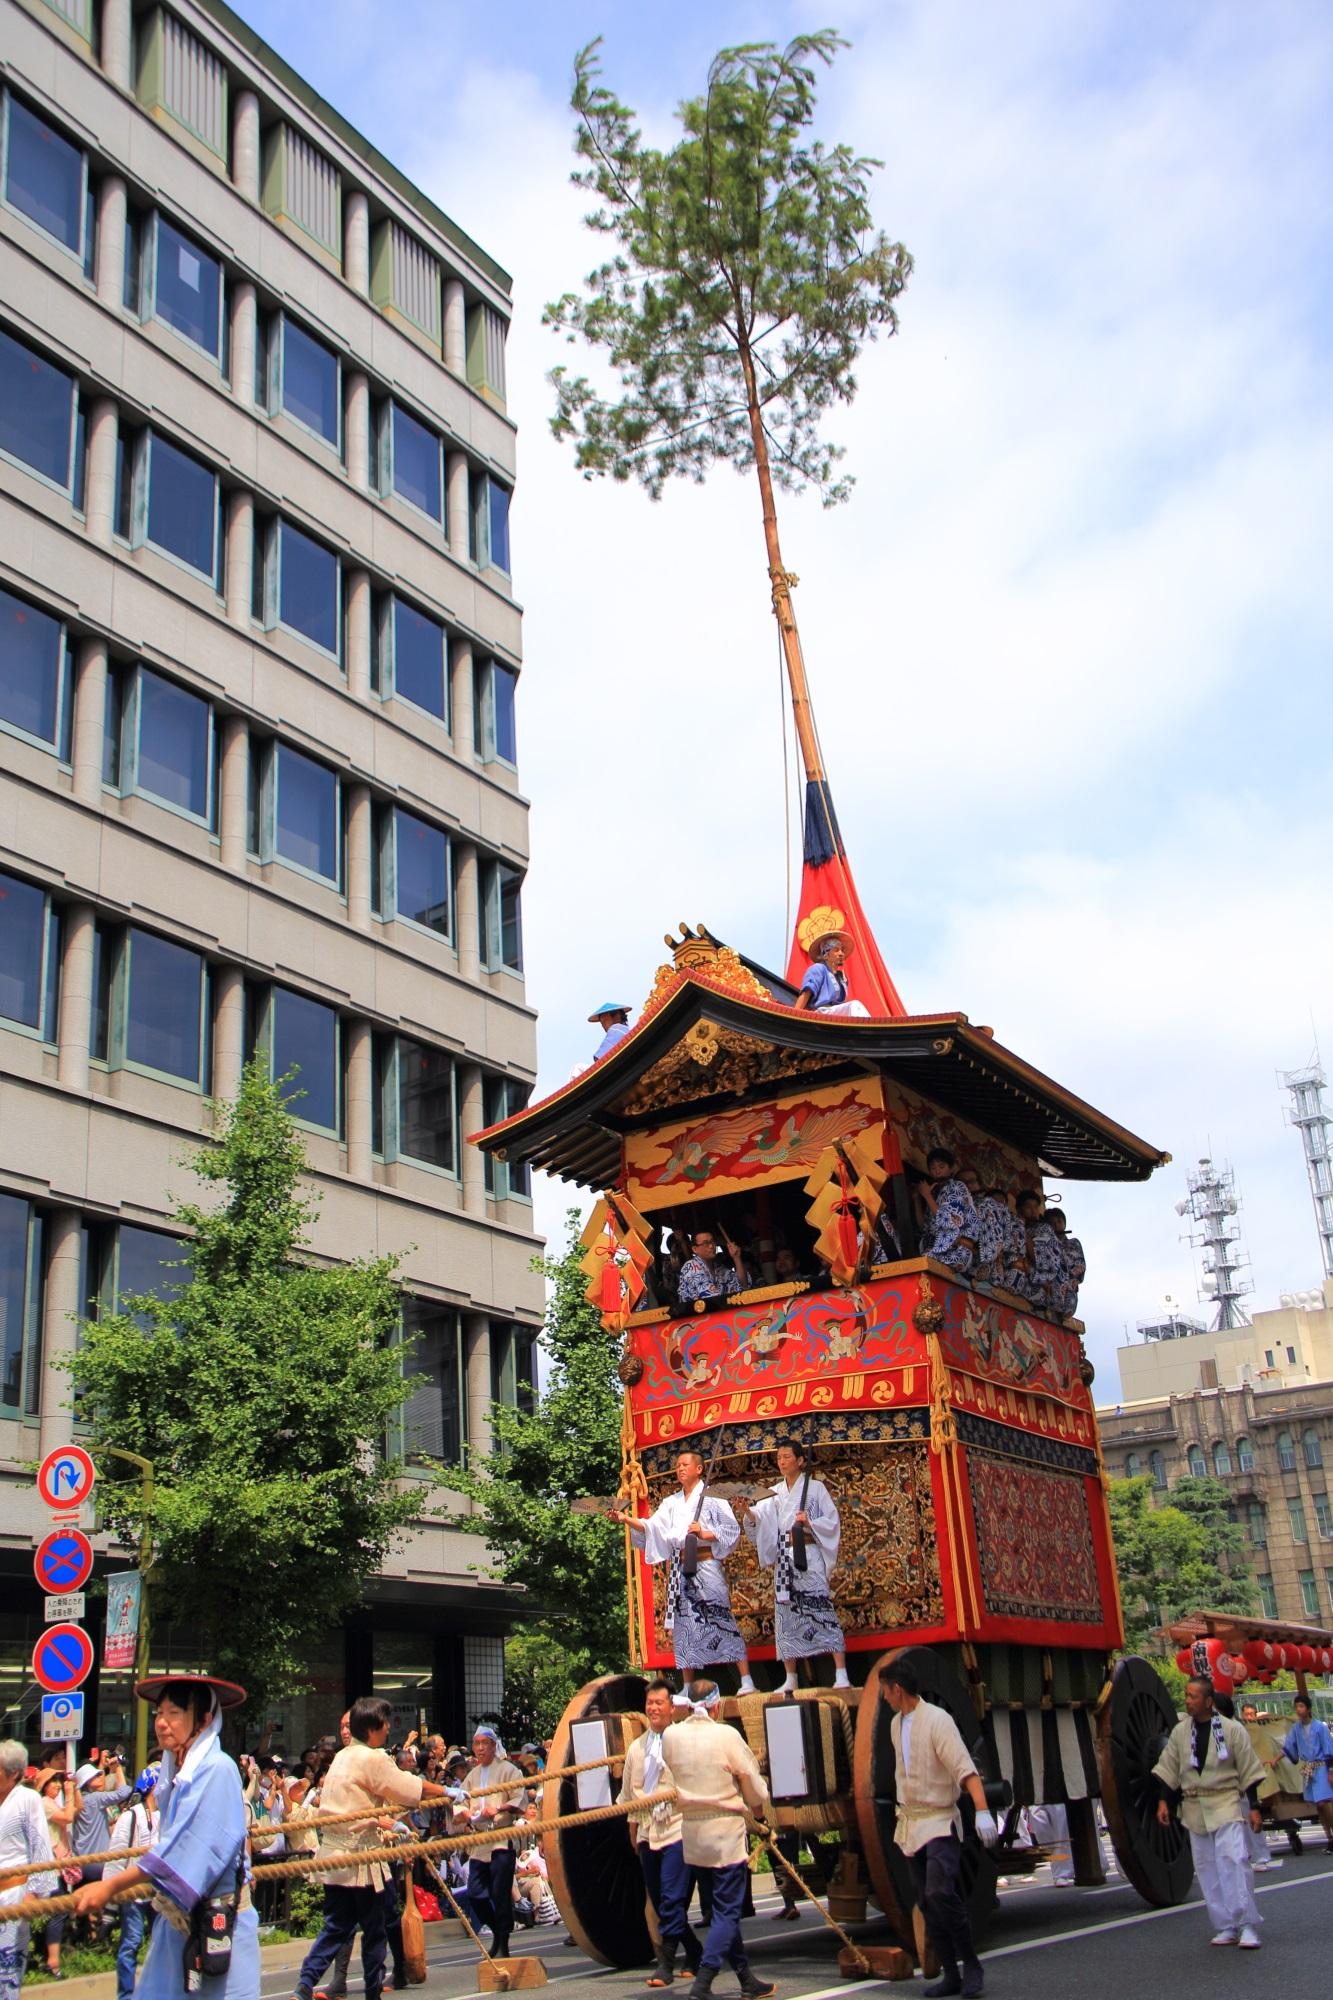 夏の風物詩の祇園祭後祭の山鉾巡行の南観音山